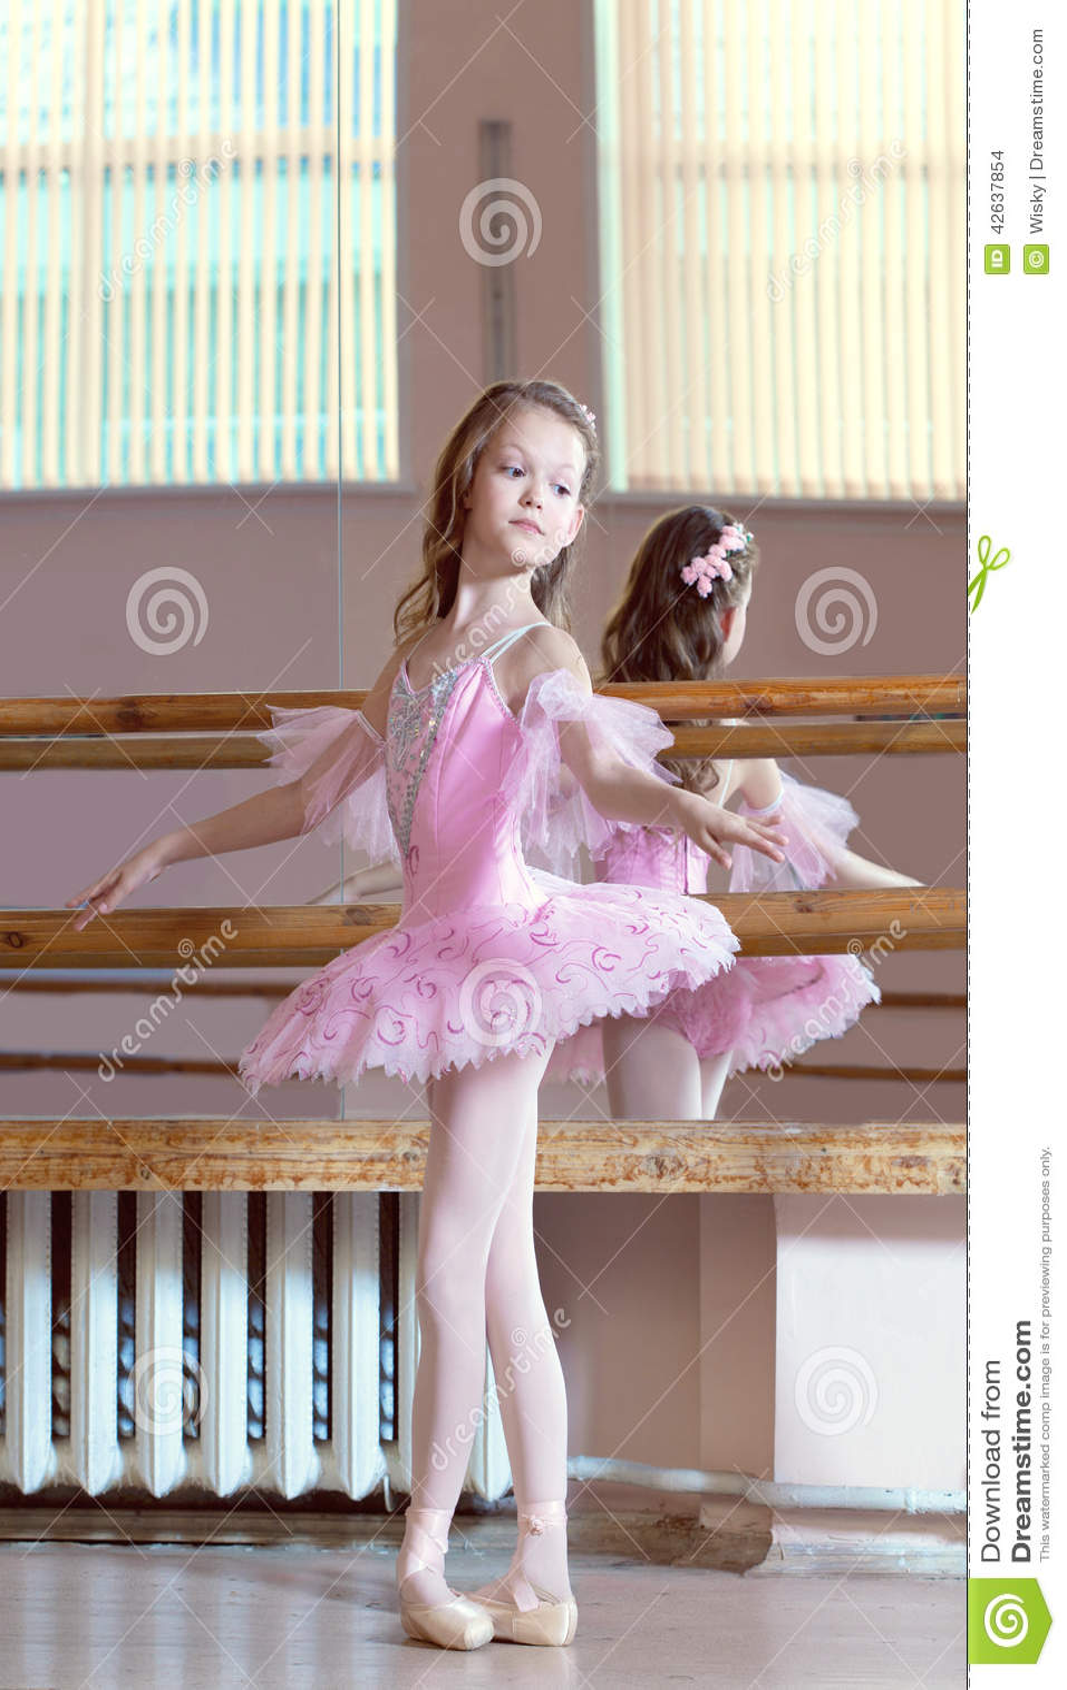 Petite ballerinas